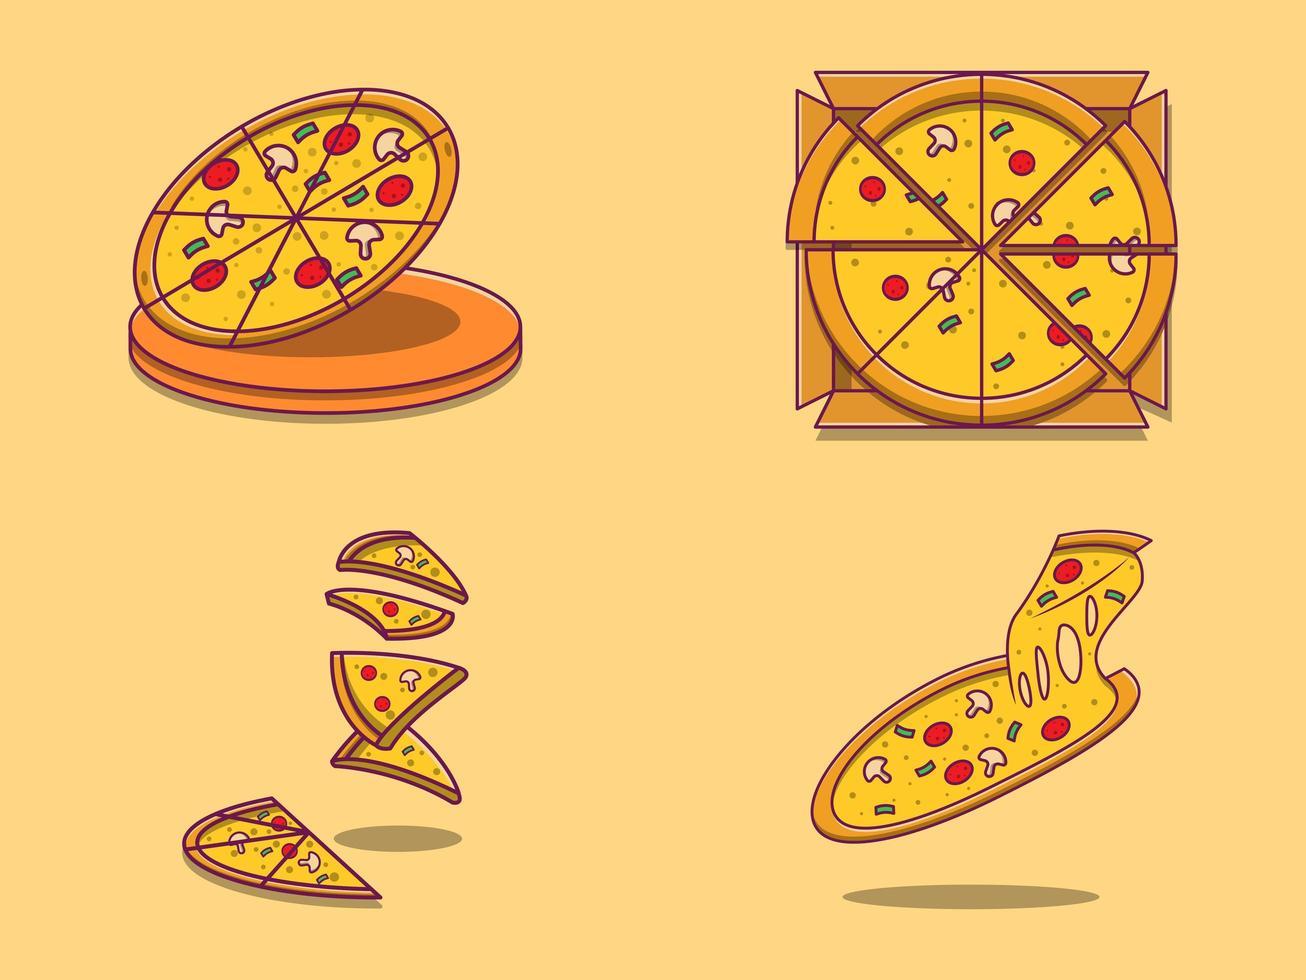 conjunto de pizzas fofas de desenho animado vetor